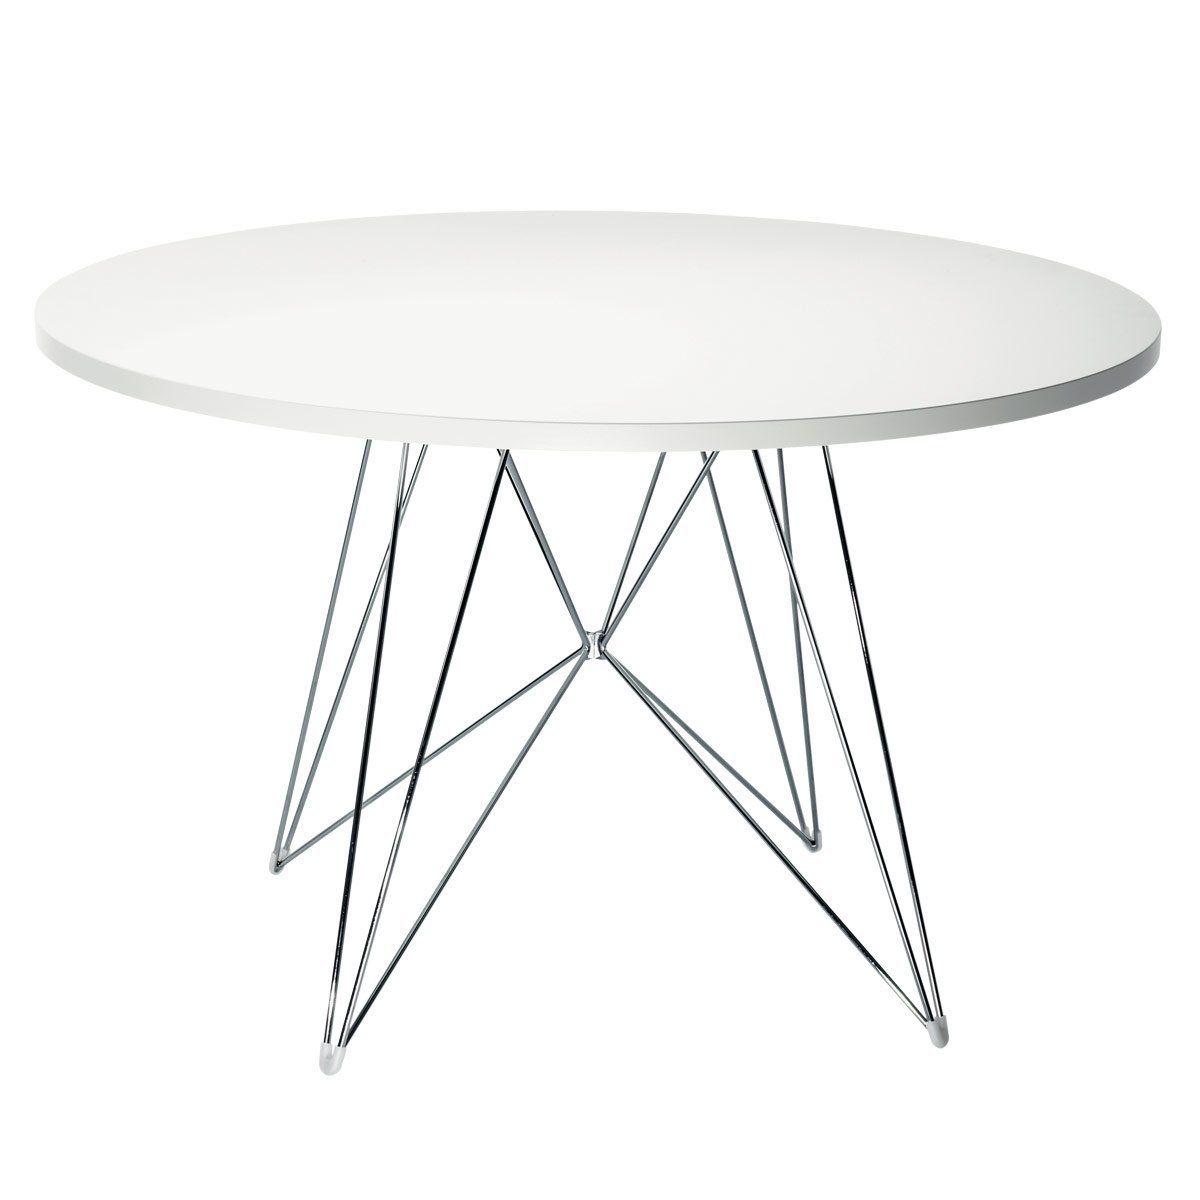 Magis Tavolo XZ3 Tisch rund, weiß Gestell chrom Ø 120 cm: Amazon ...